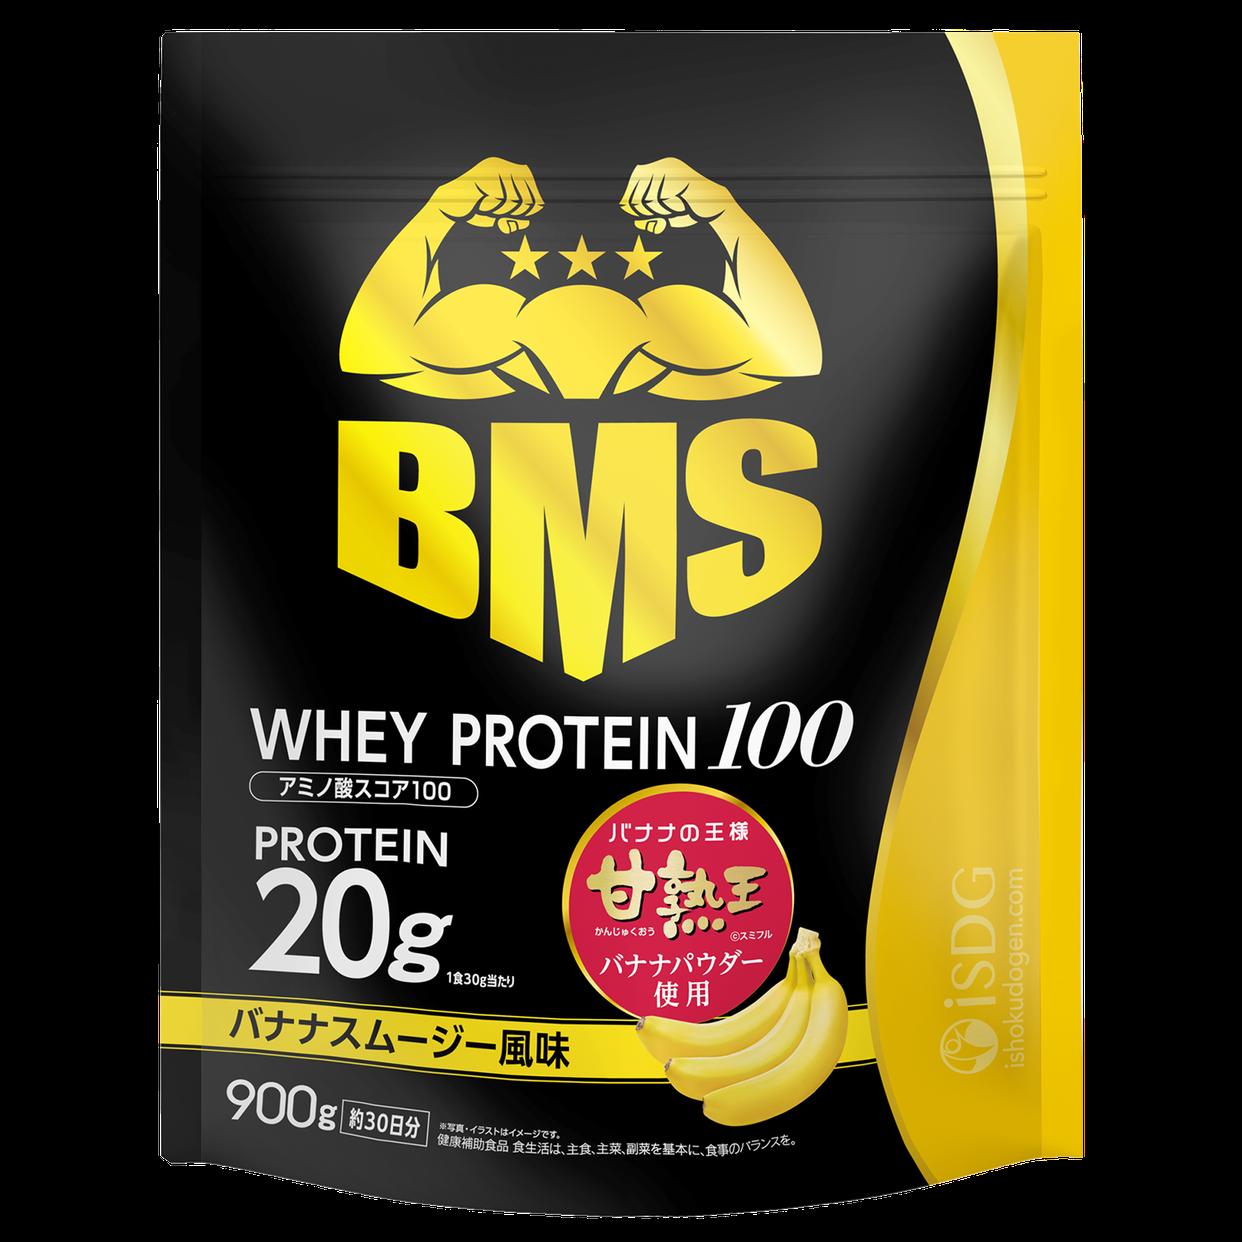 医食同源ドットコム(ISDG) BMS ホエイプロテイン 100の商品画像